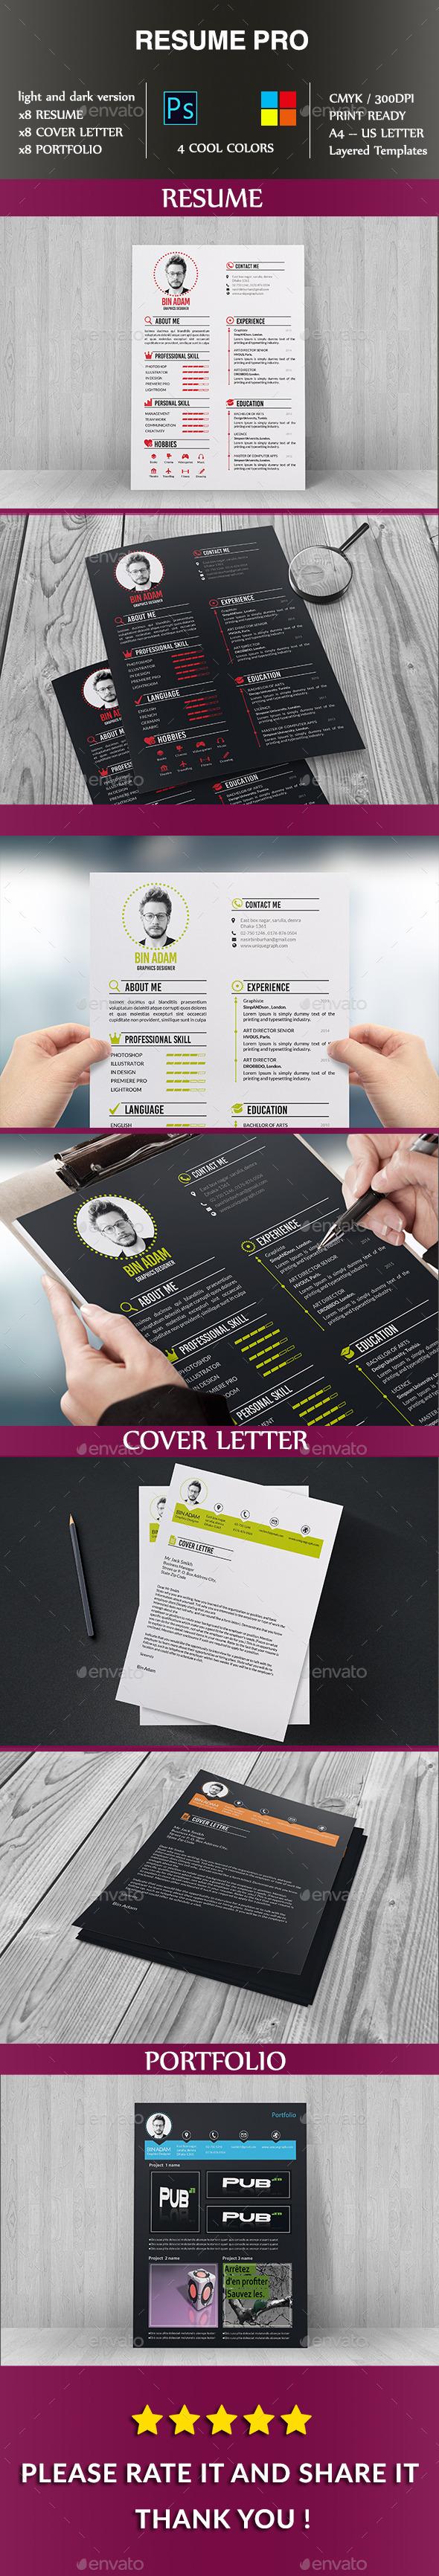 GraphicRiver Resume Pro 10284958